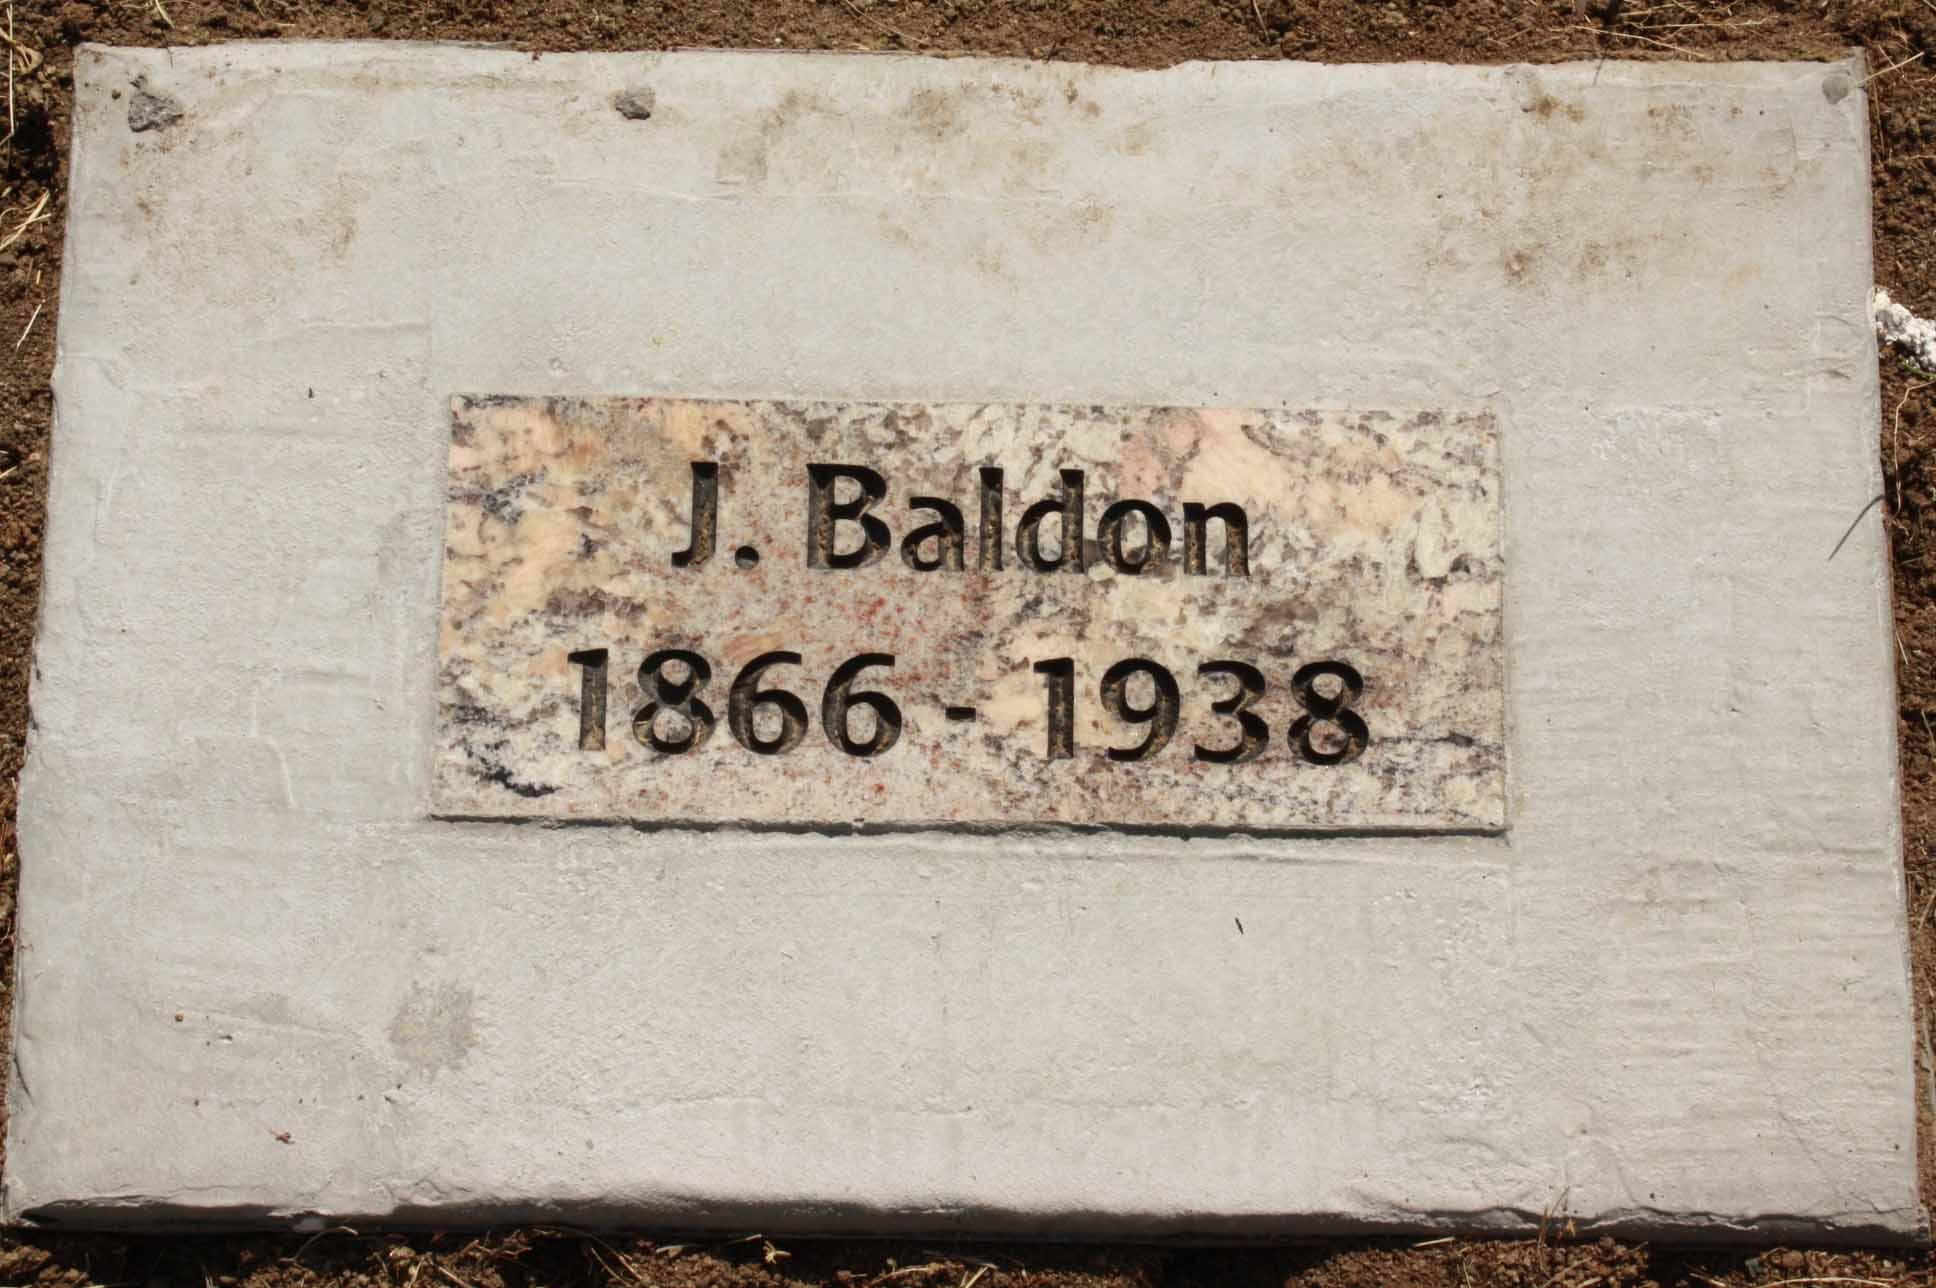 Jefferson Baldon